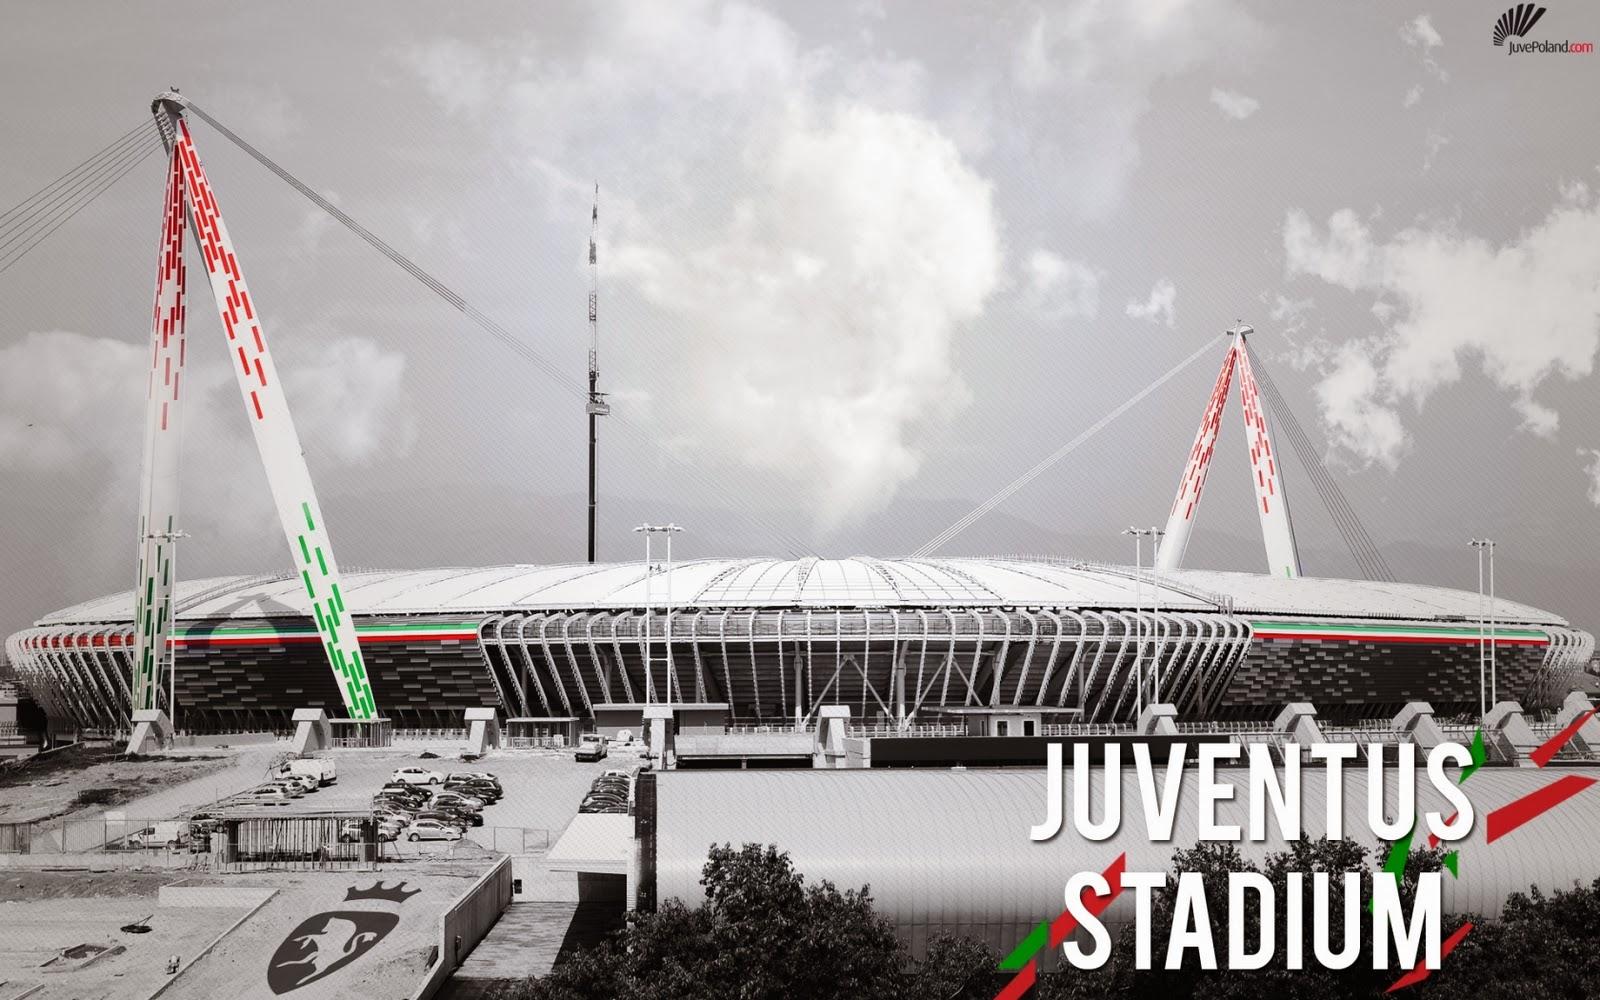 Juventus amazing stadium turin serie a italy hd desktop for Sfondi hd juventus